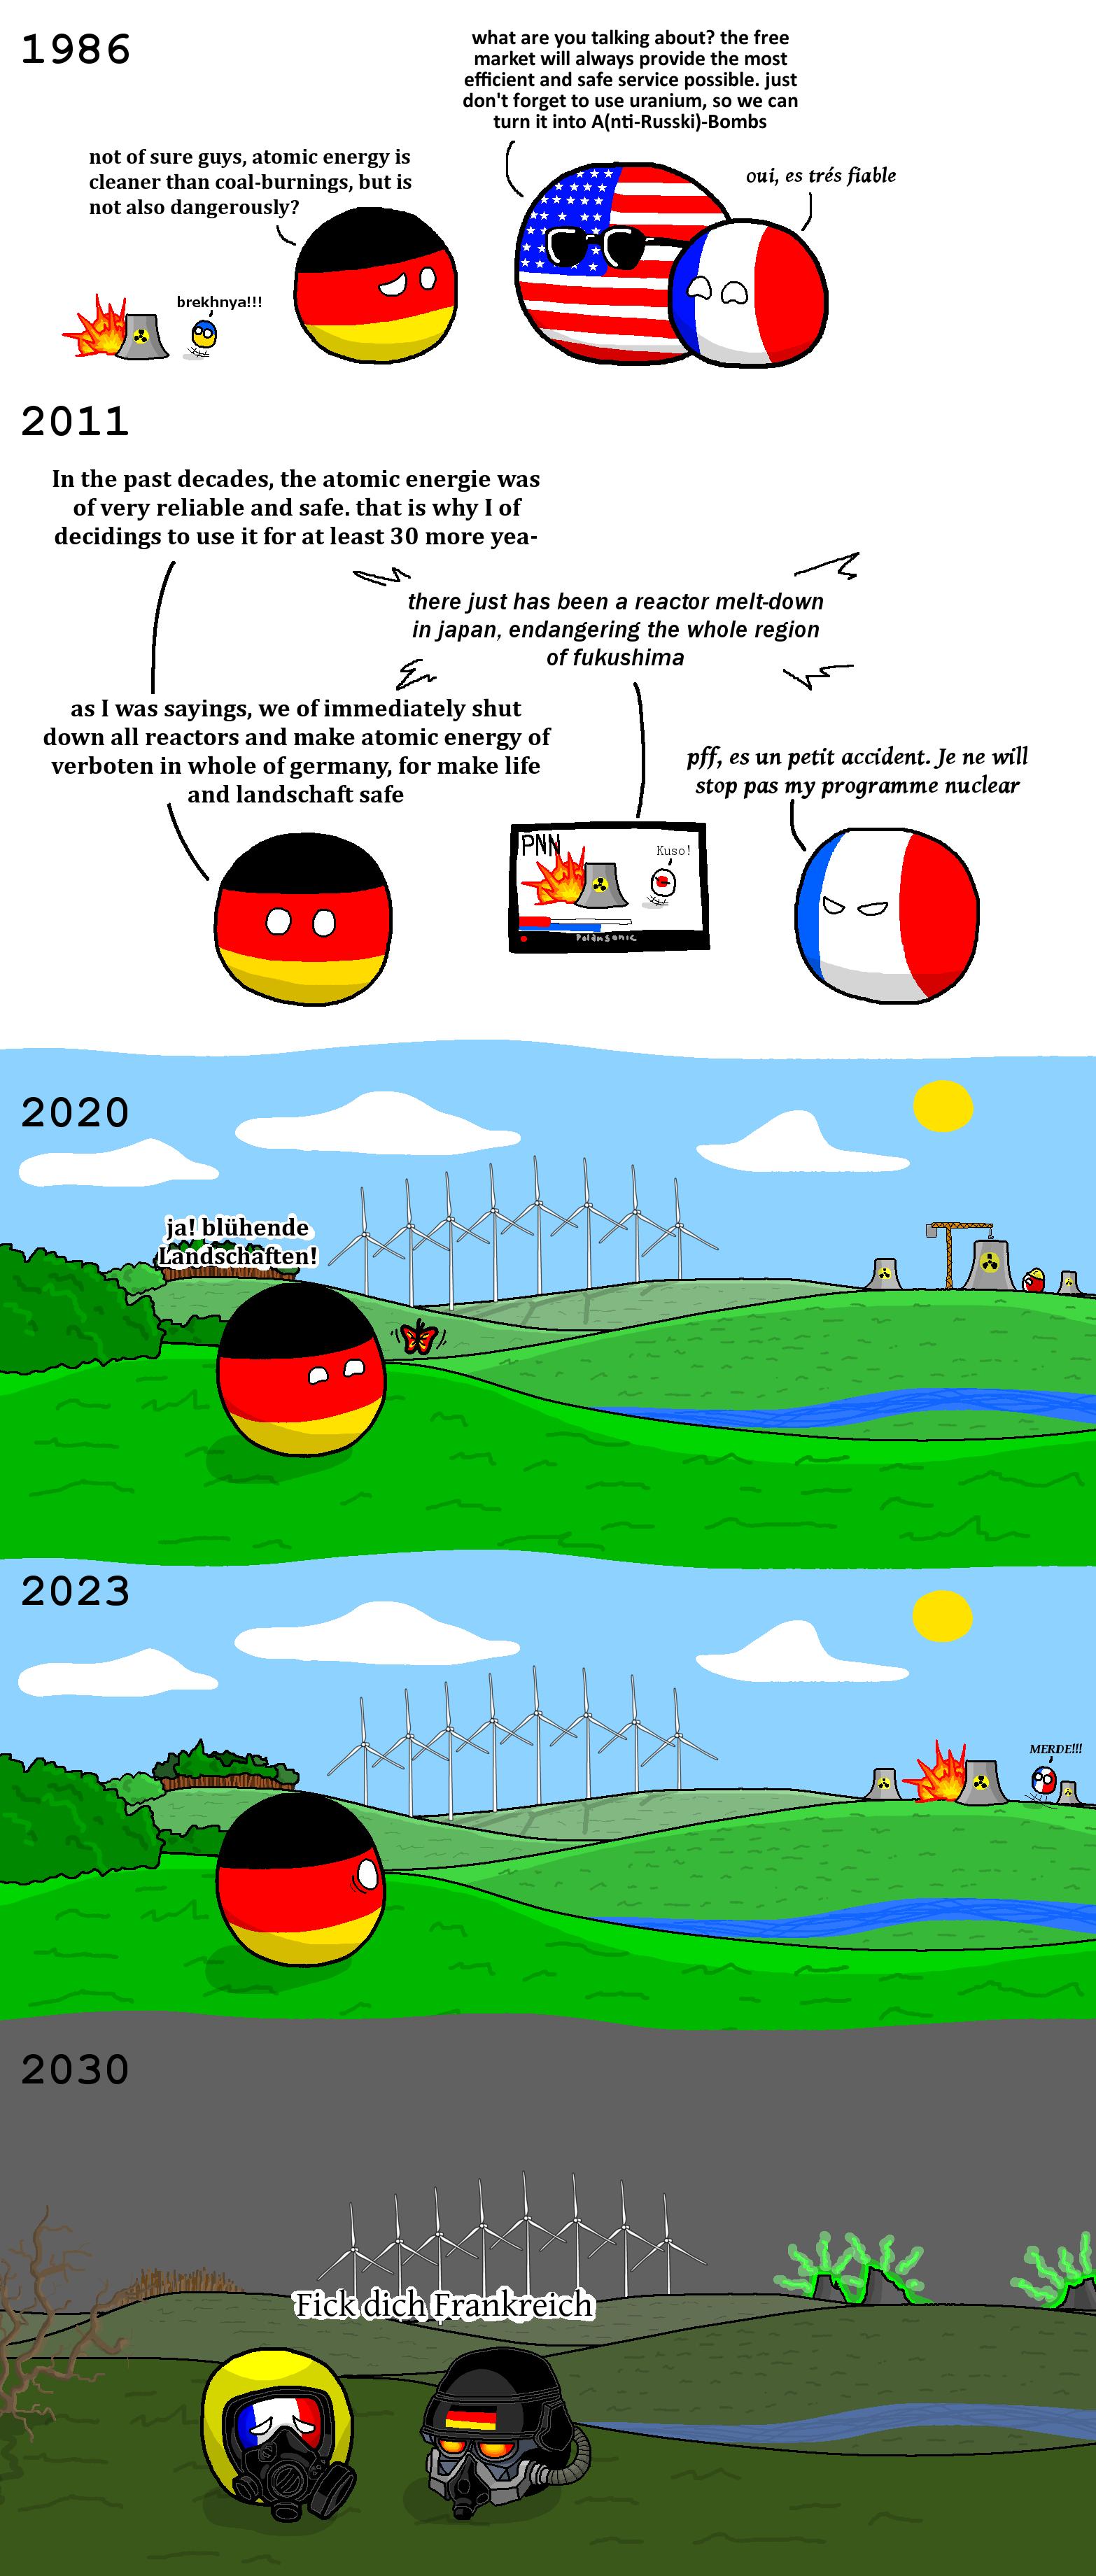 Polandball Comics European+Fallout.+r+polandball_832664_4868580